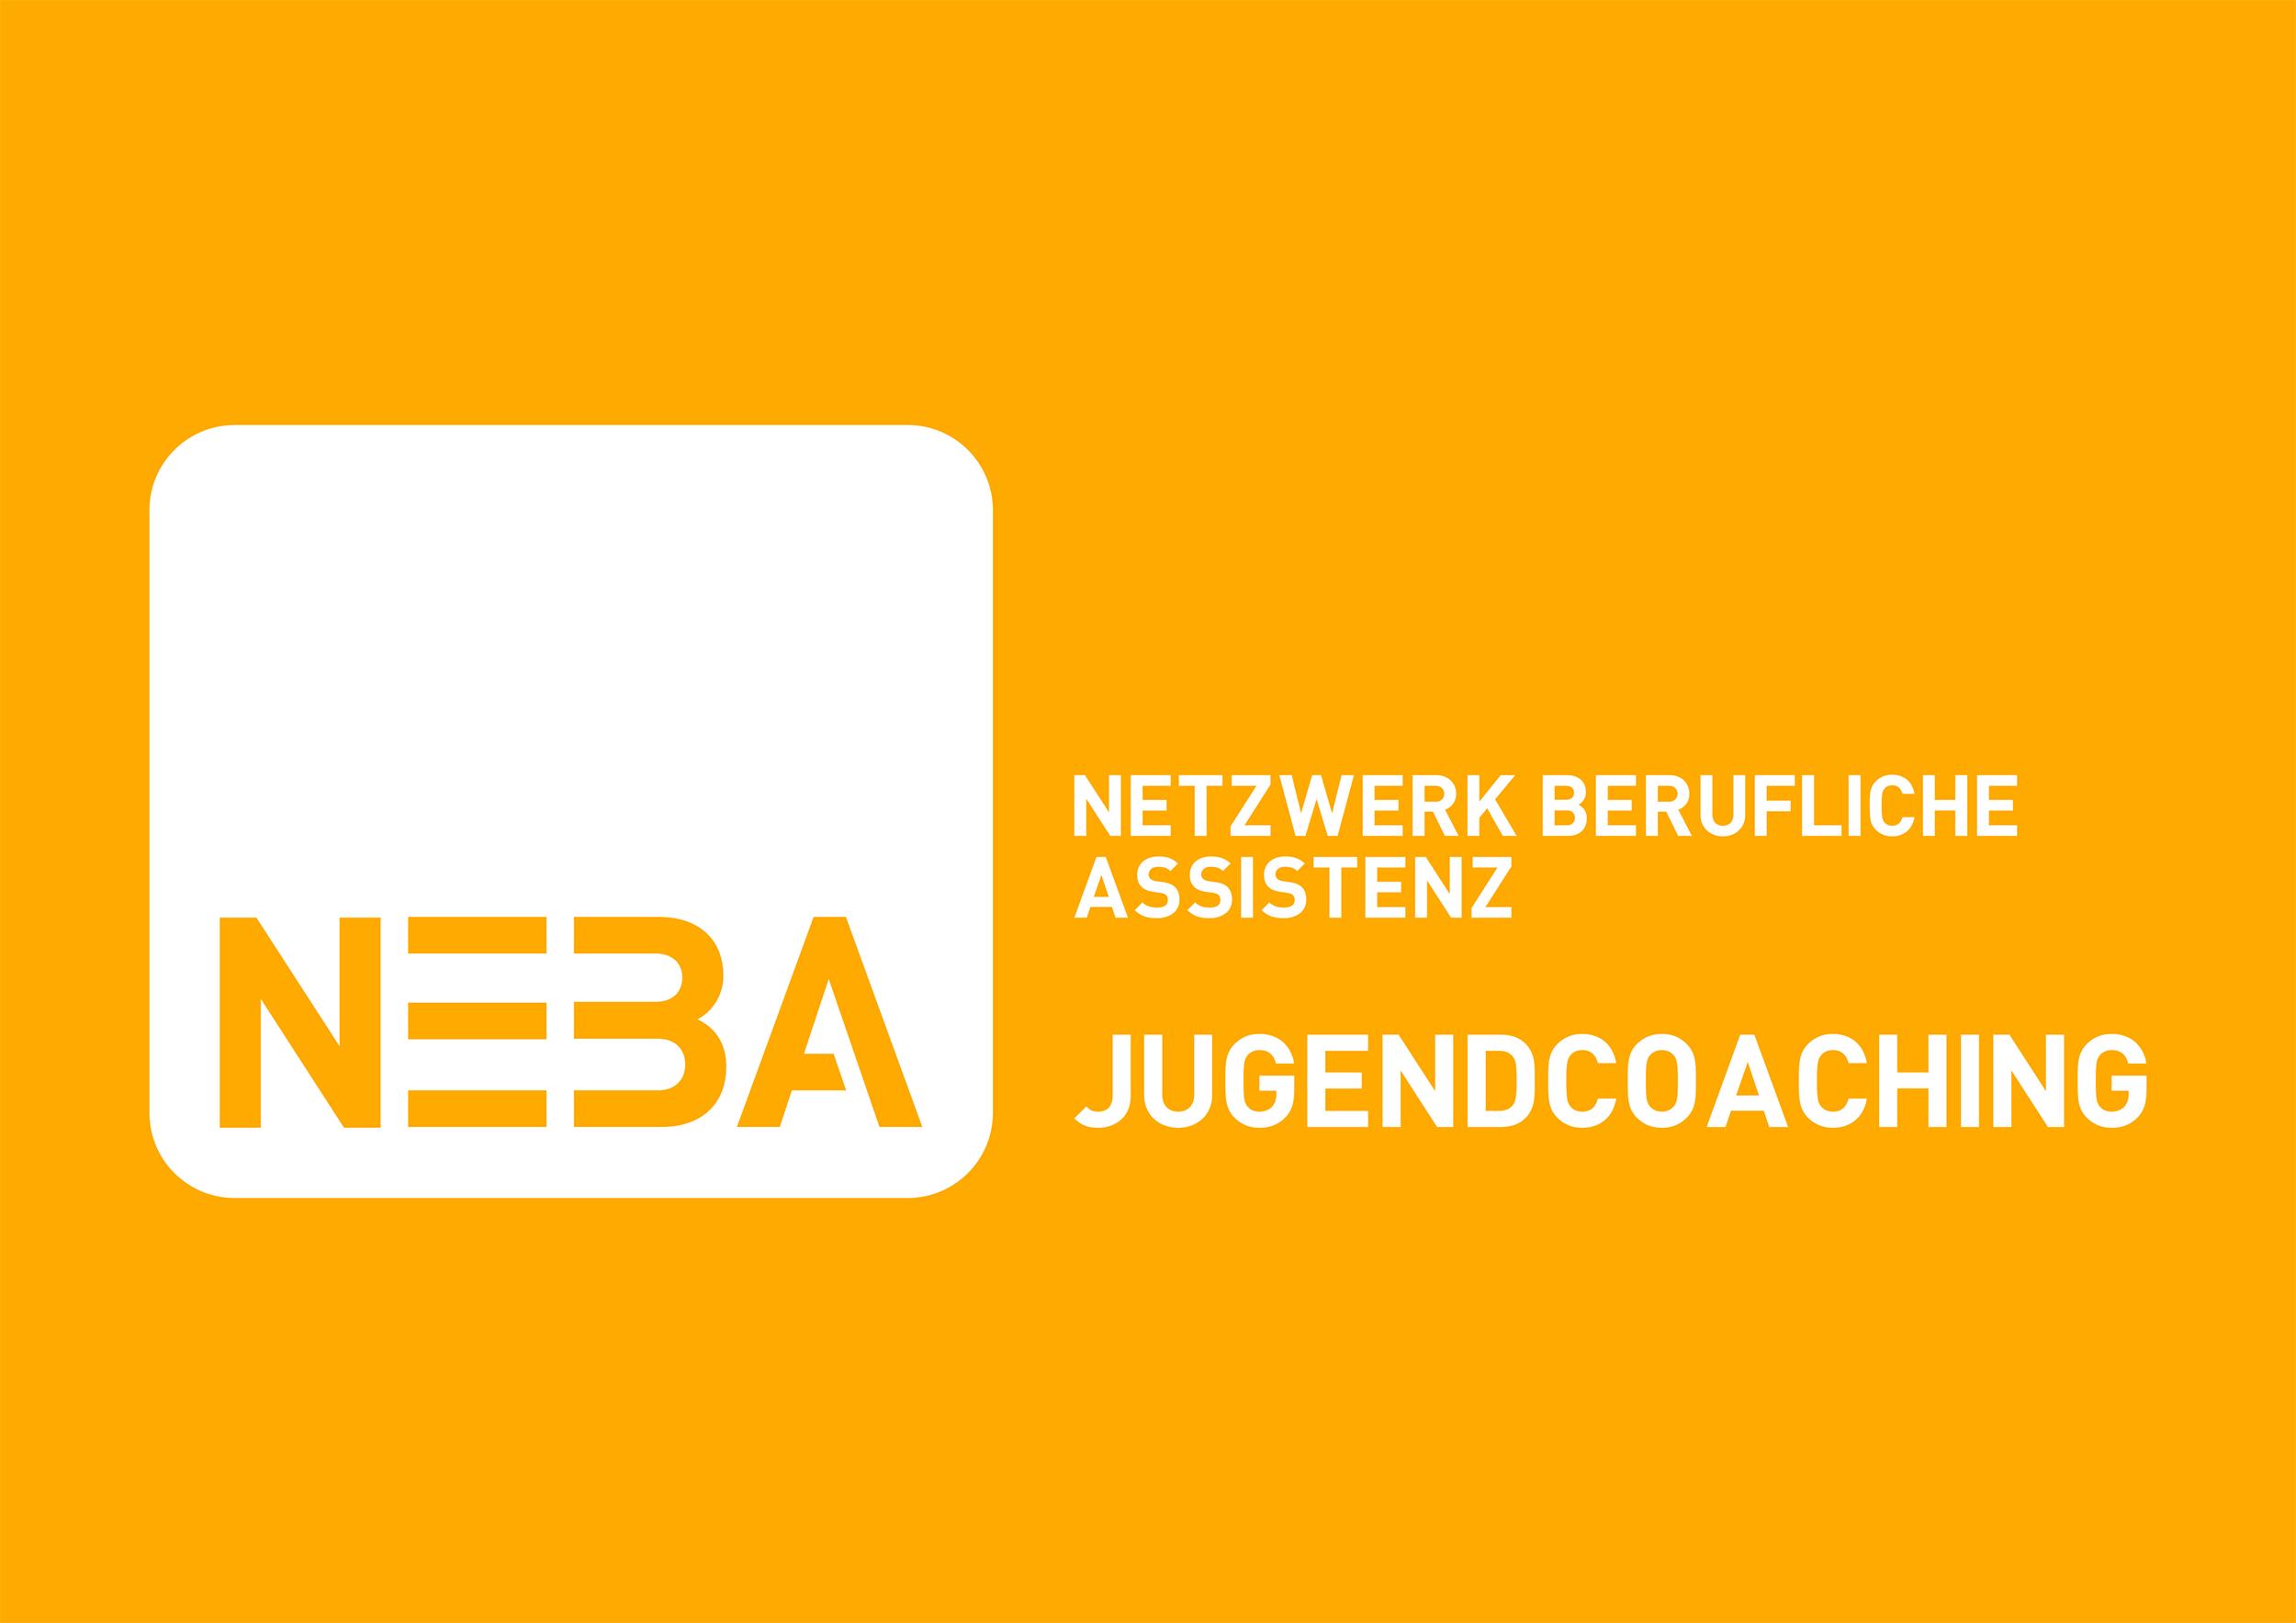 neba_jg_logo_rgb_negativ_bild